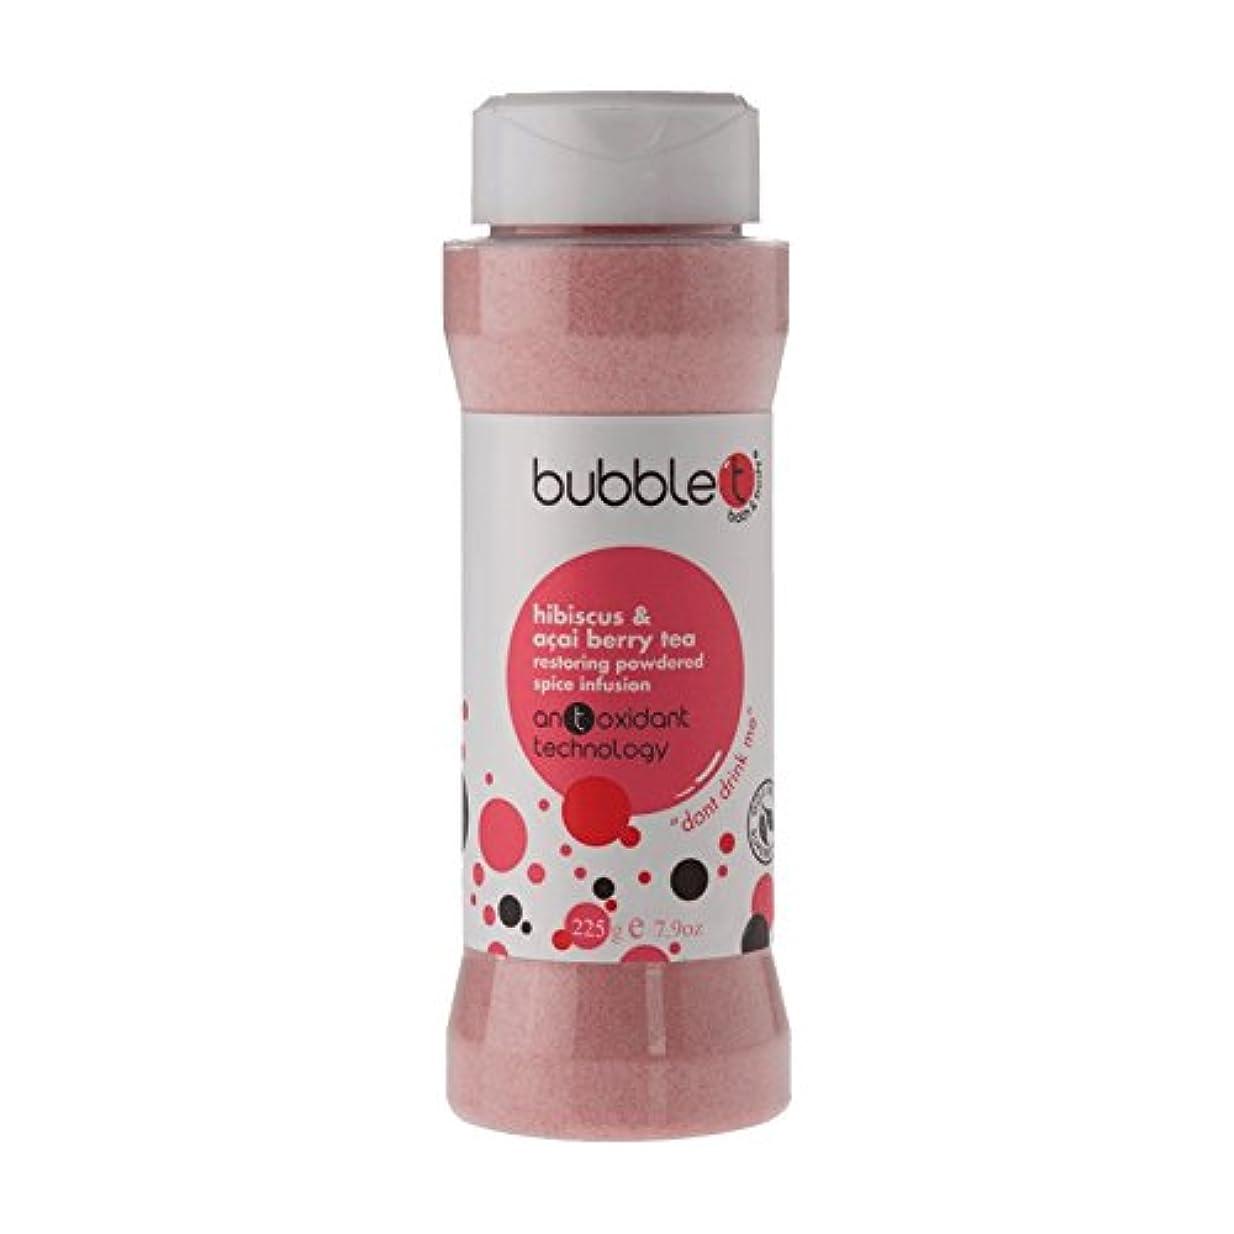 上げるシャイニング前者バブルトン風呂スパイス注入ハイビスカス&アサイベリー茶225グラム - Bubble T Bath Spice Infusion Hibiscus & Acai Berry Tea 225g (Bubble T) [並行輸入品]